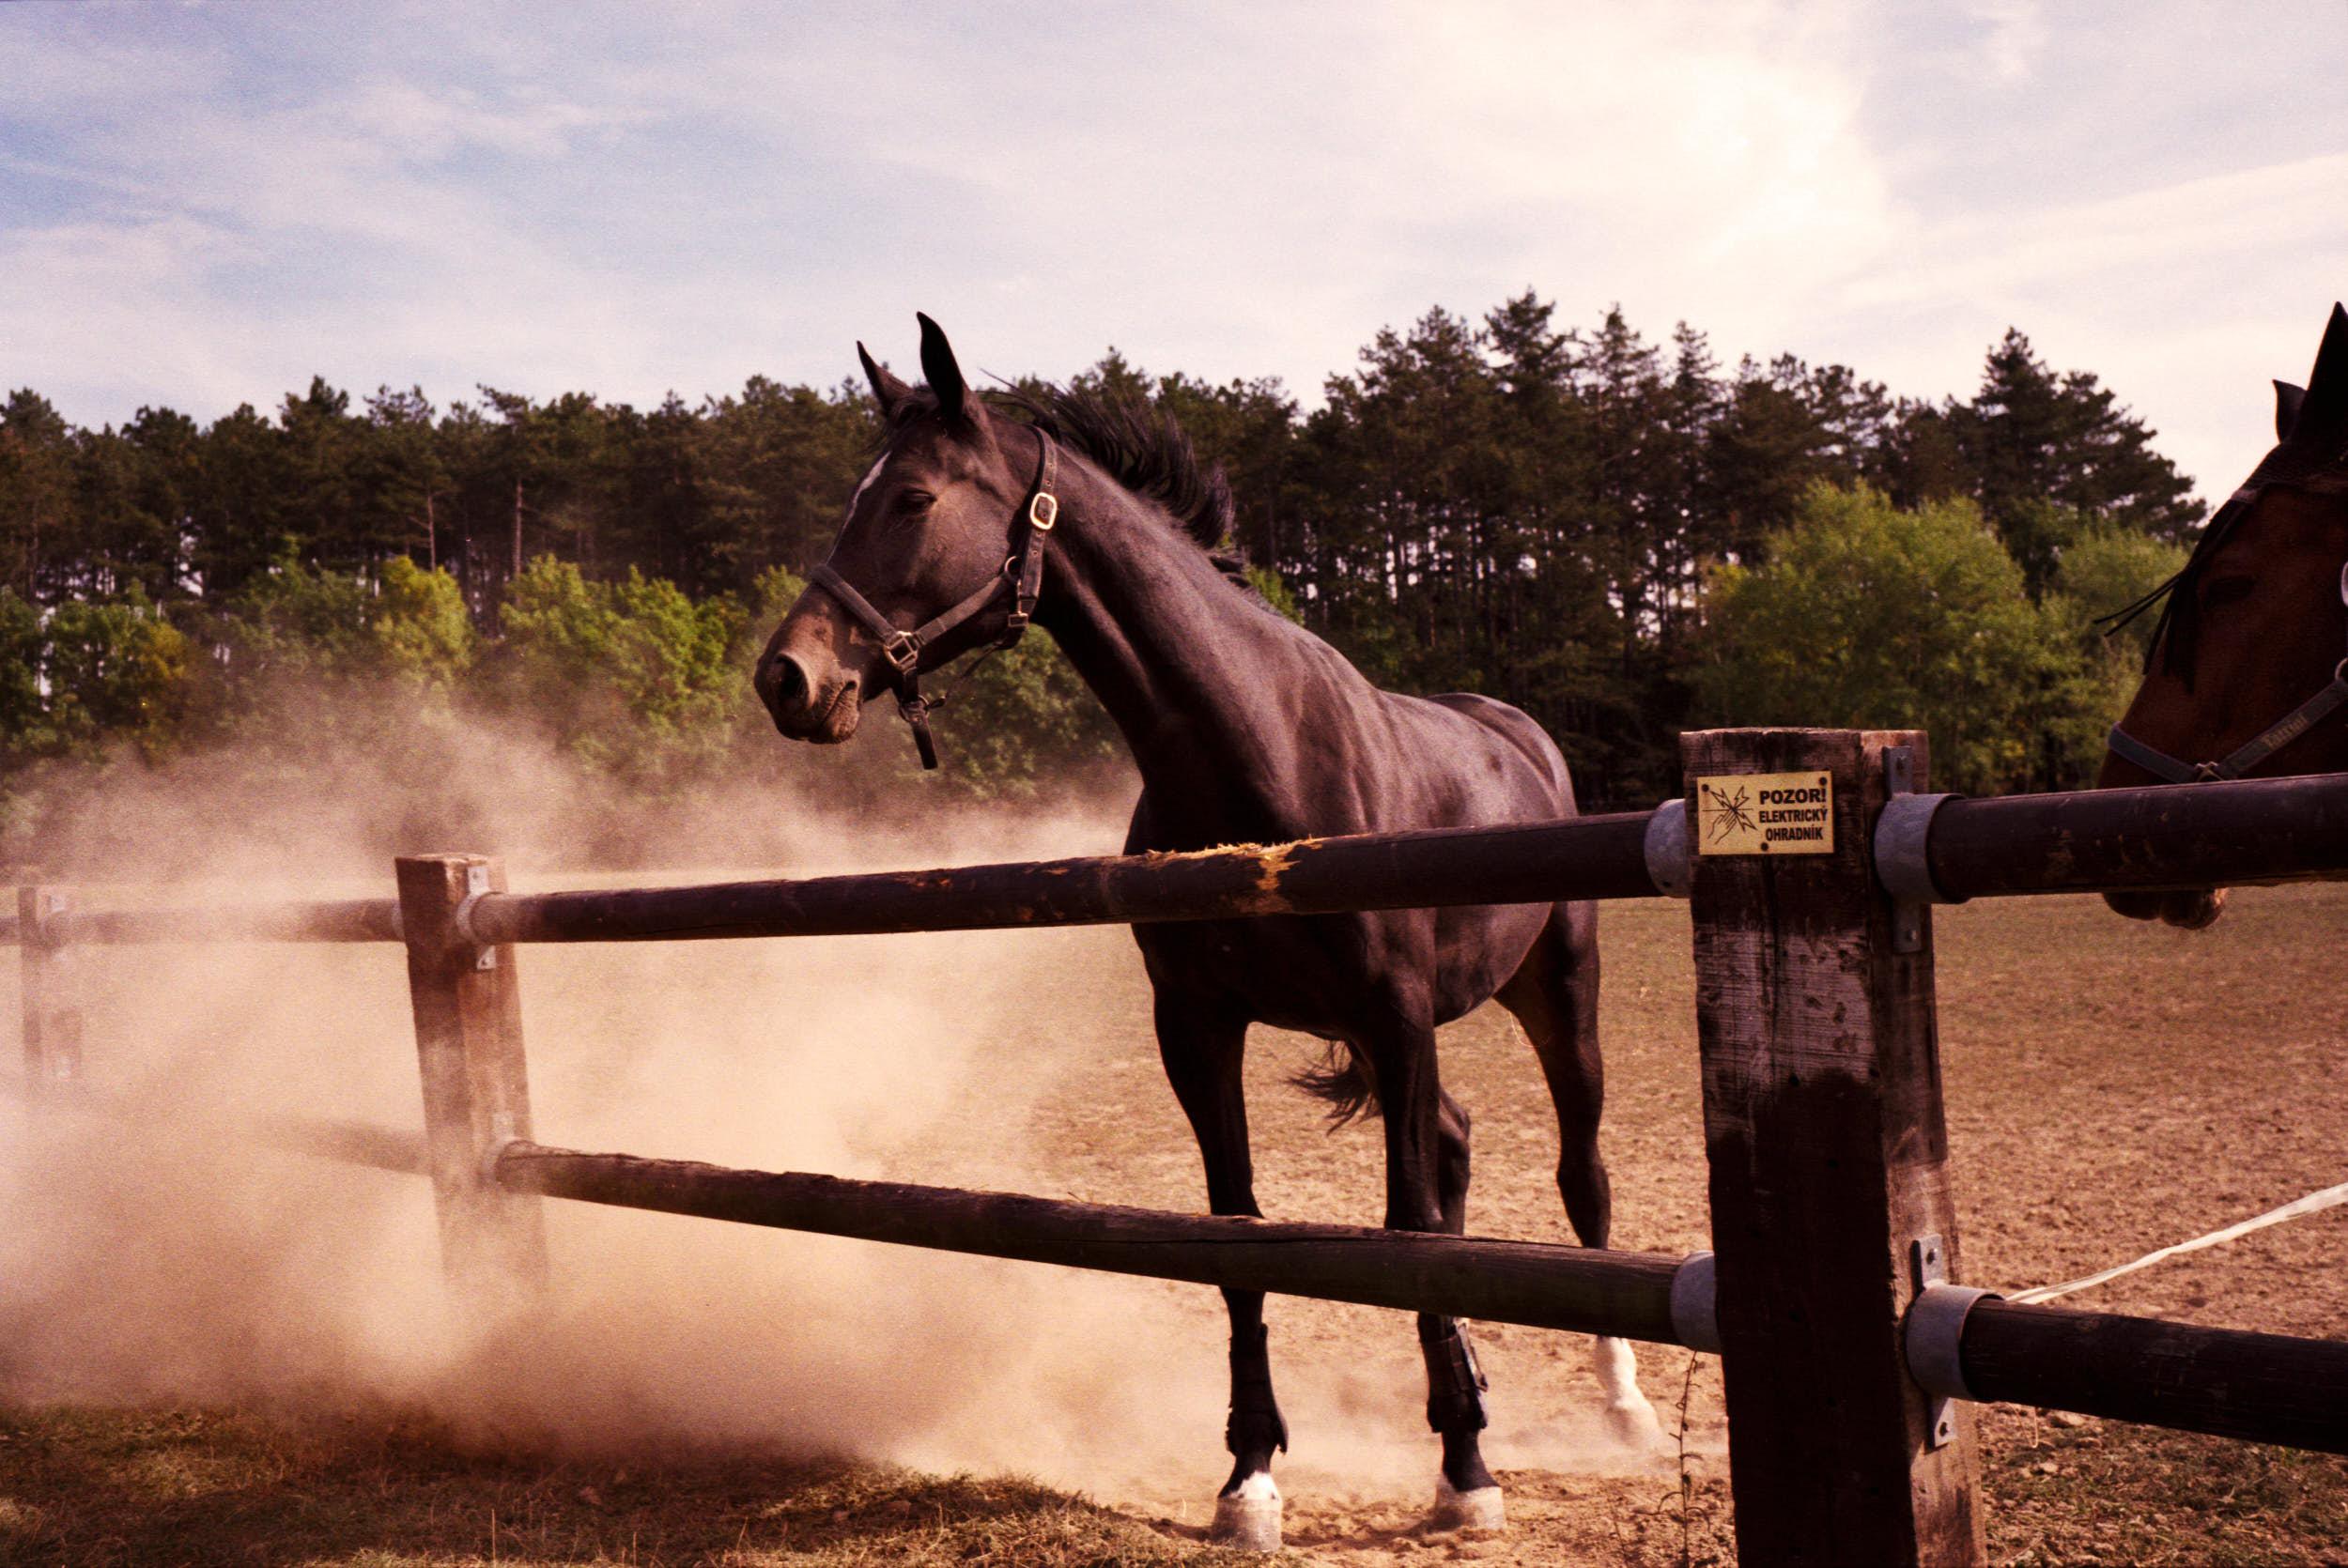 Horse in settling dust.